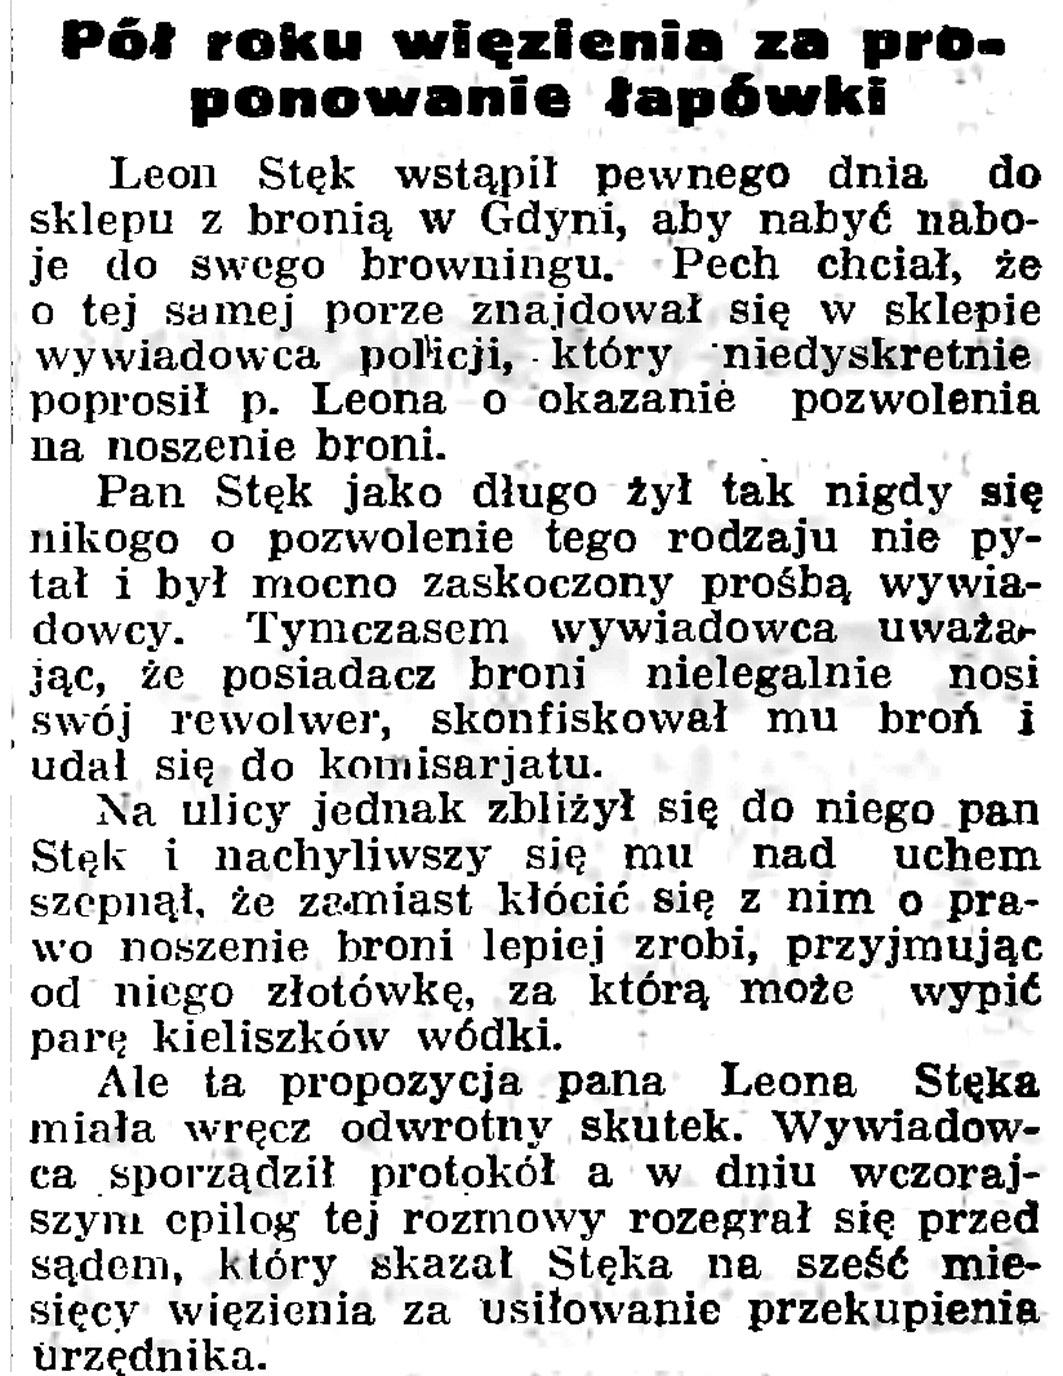 Pół roku więzienia za proponowanie łapówki // Gazeta Gdańska. - 1935, nr 105, s. 12